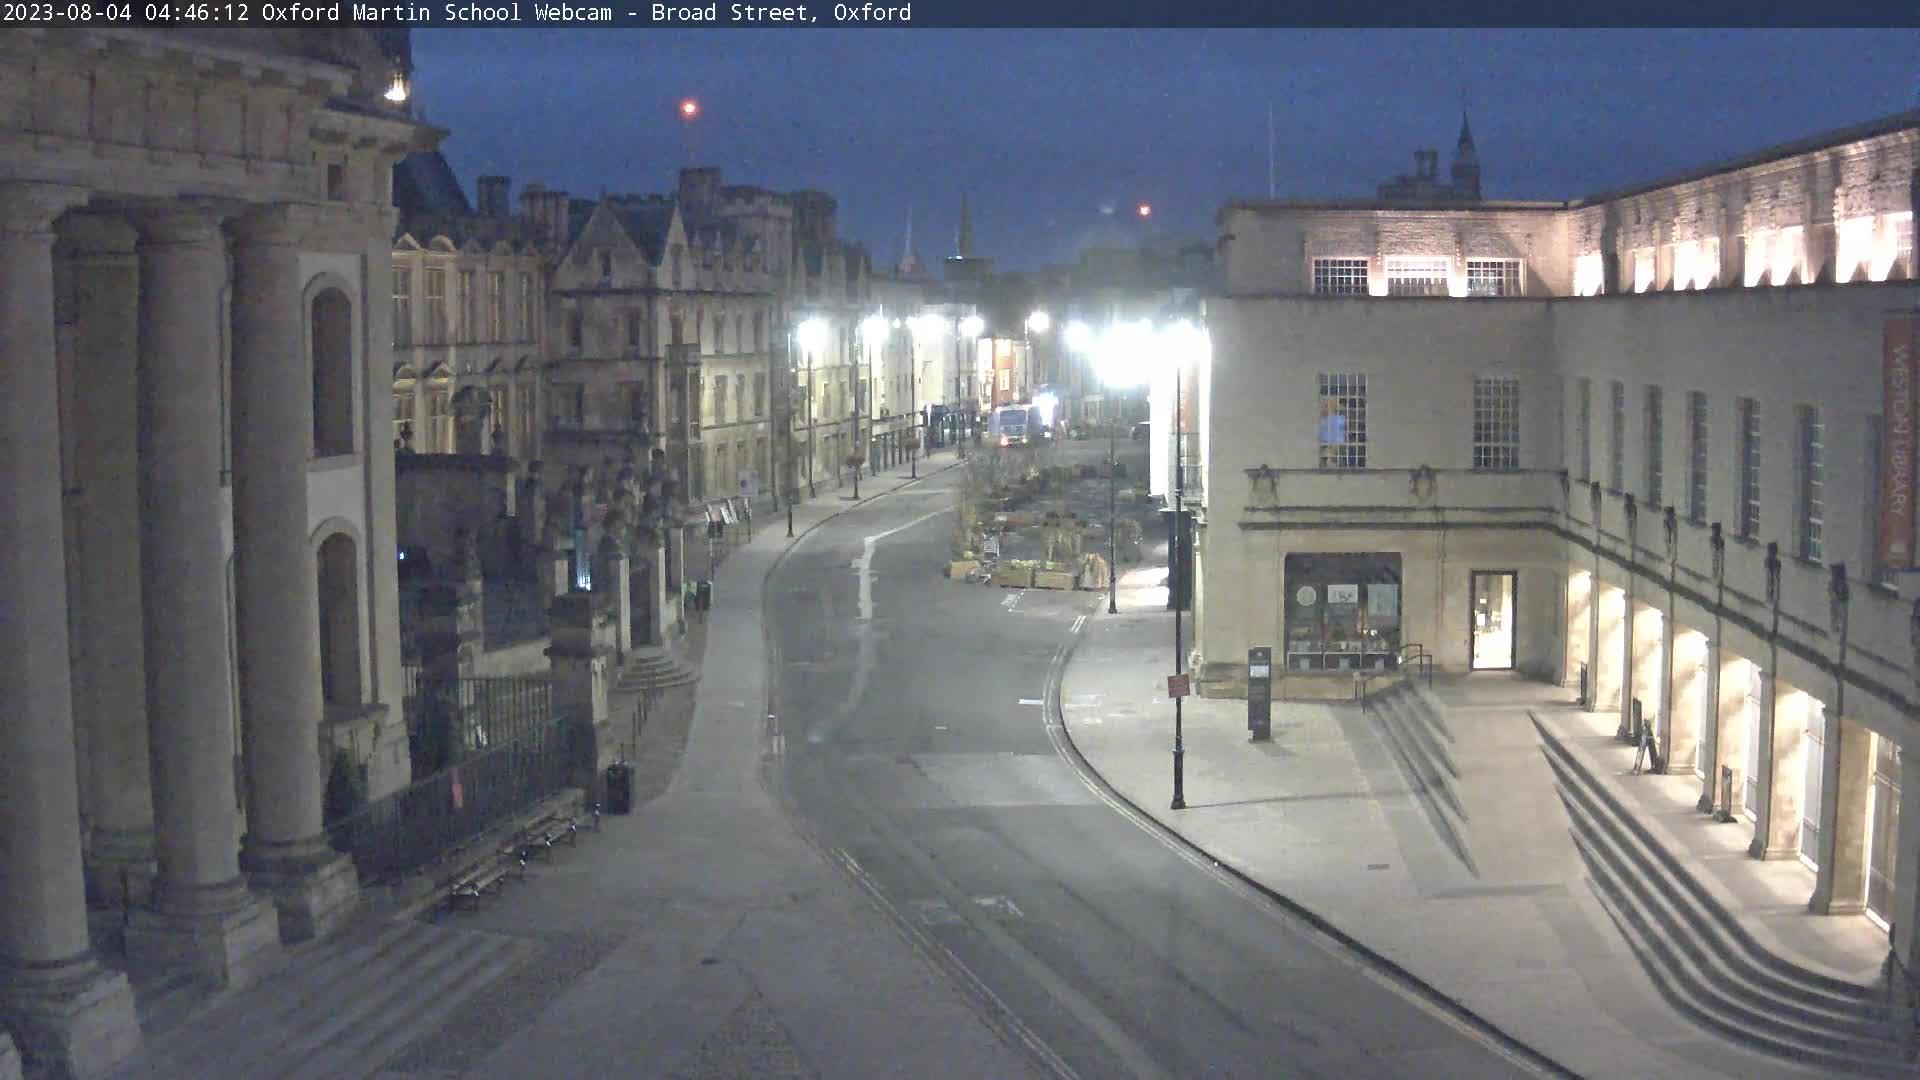 Oxford Sun. 04:46